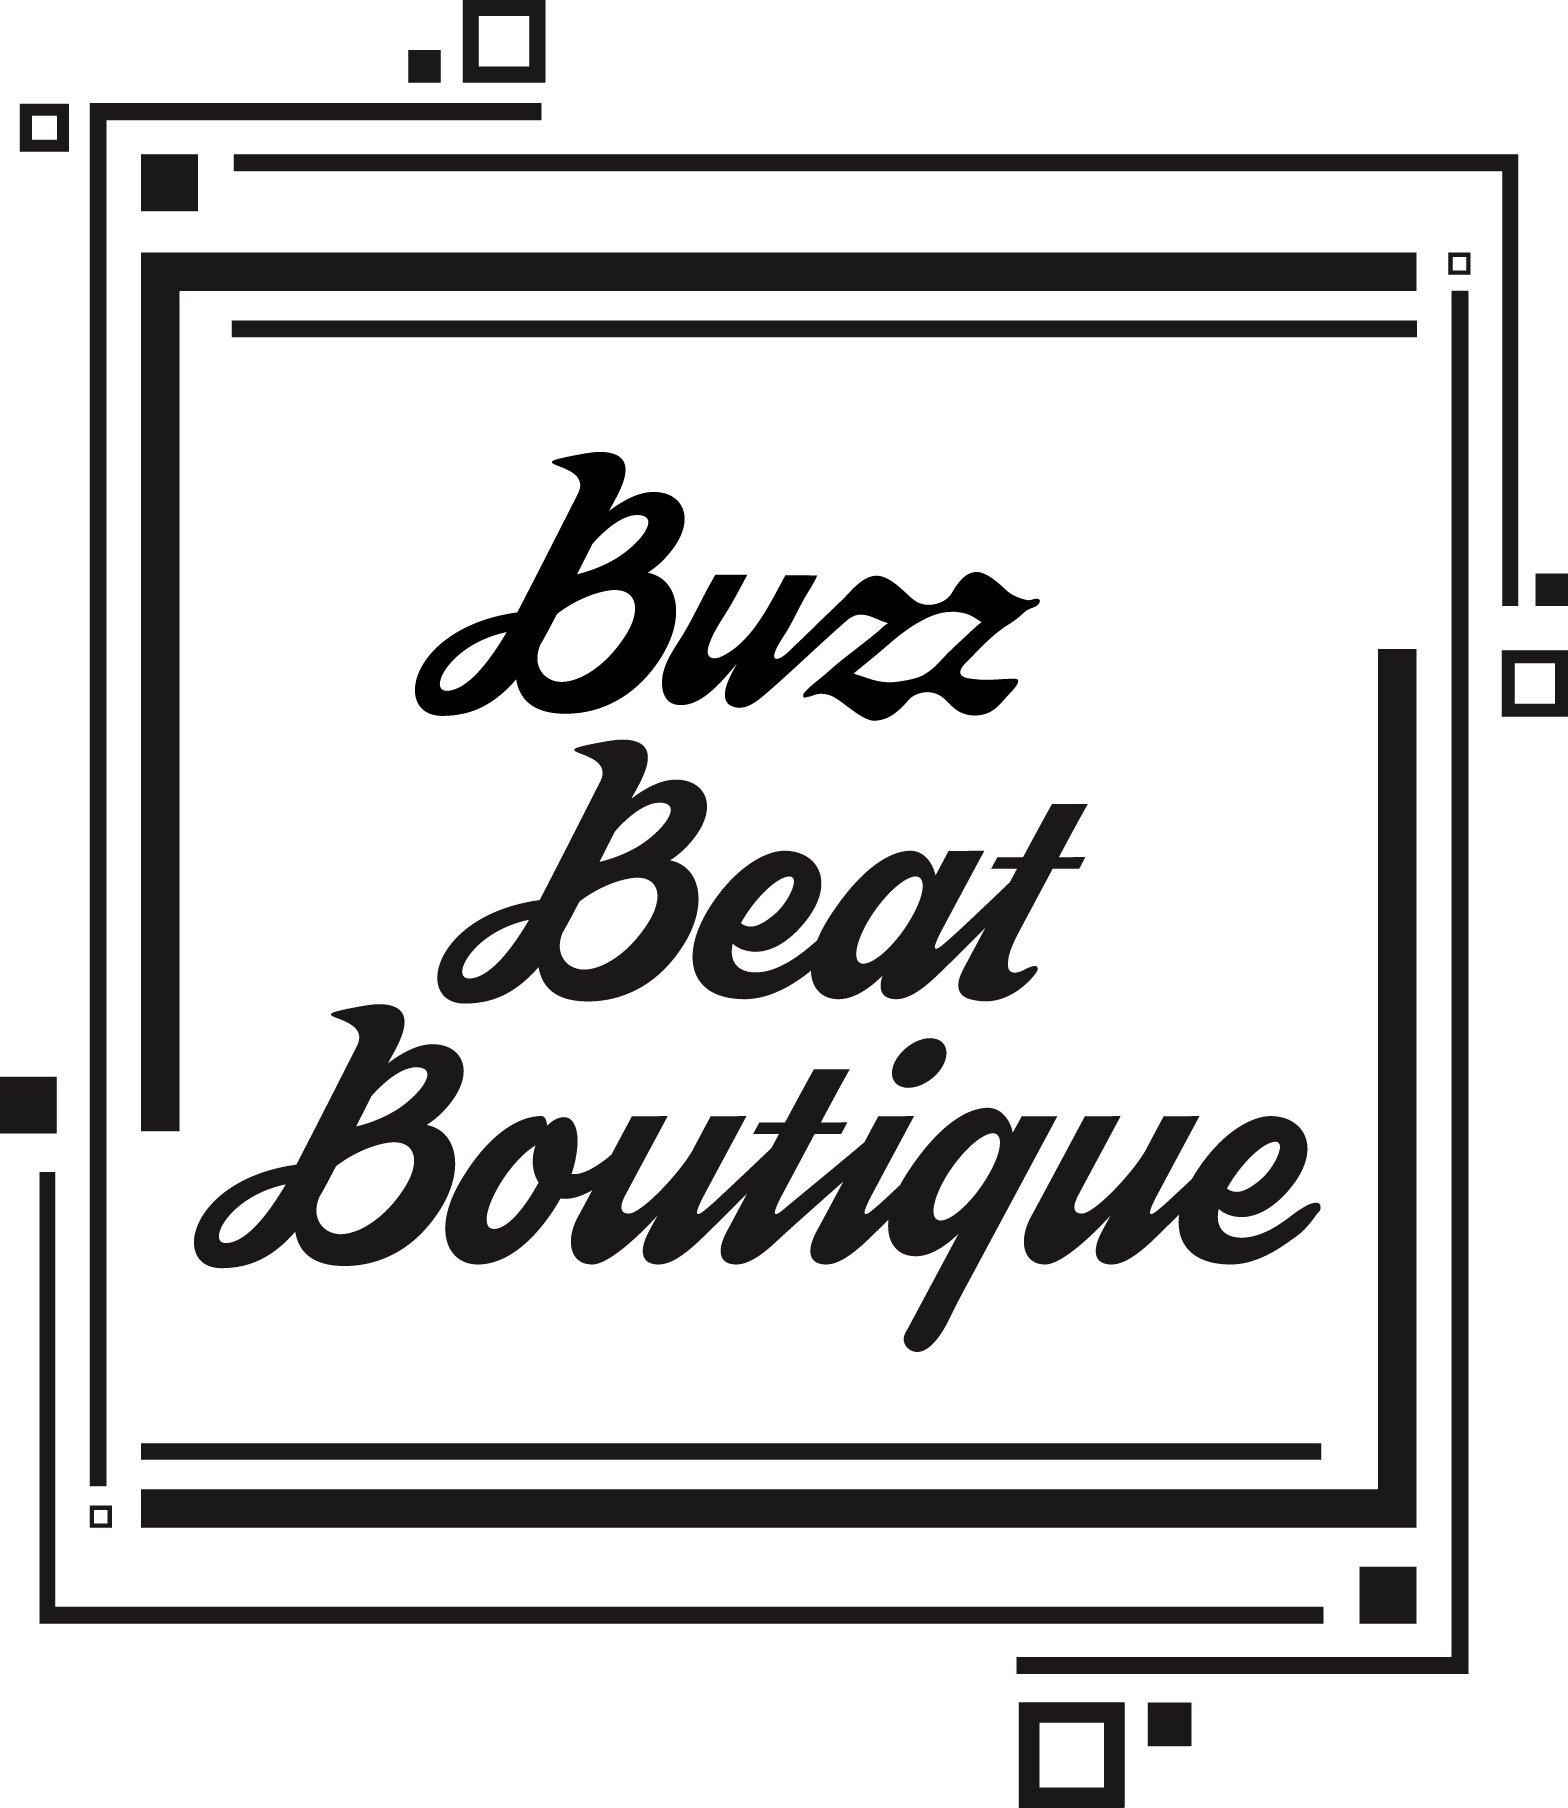 Buzz beat boutique von delta radio nominiert f r deutschen for The beat boutique